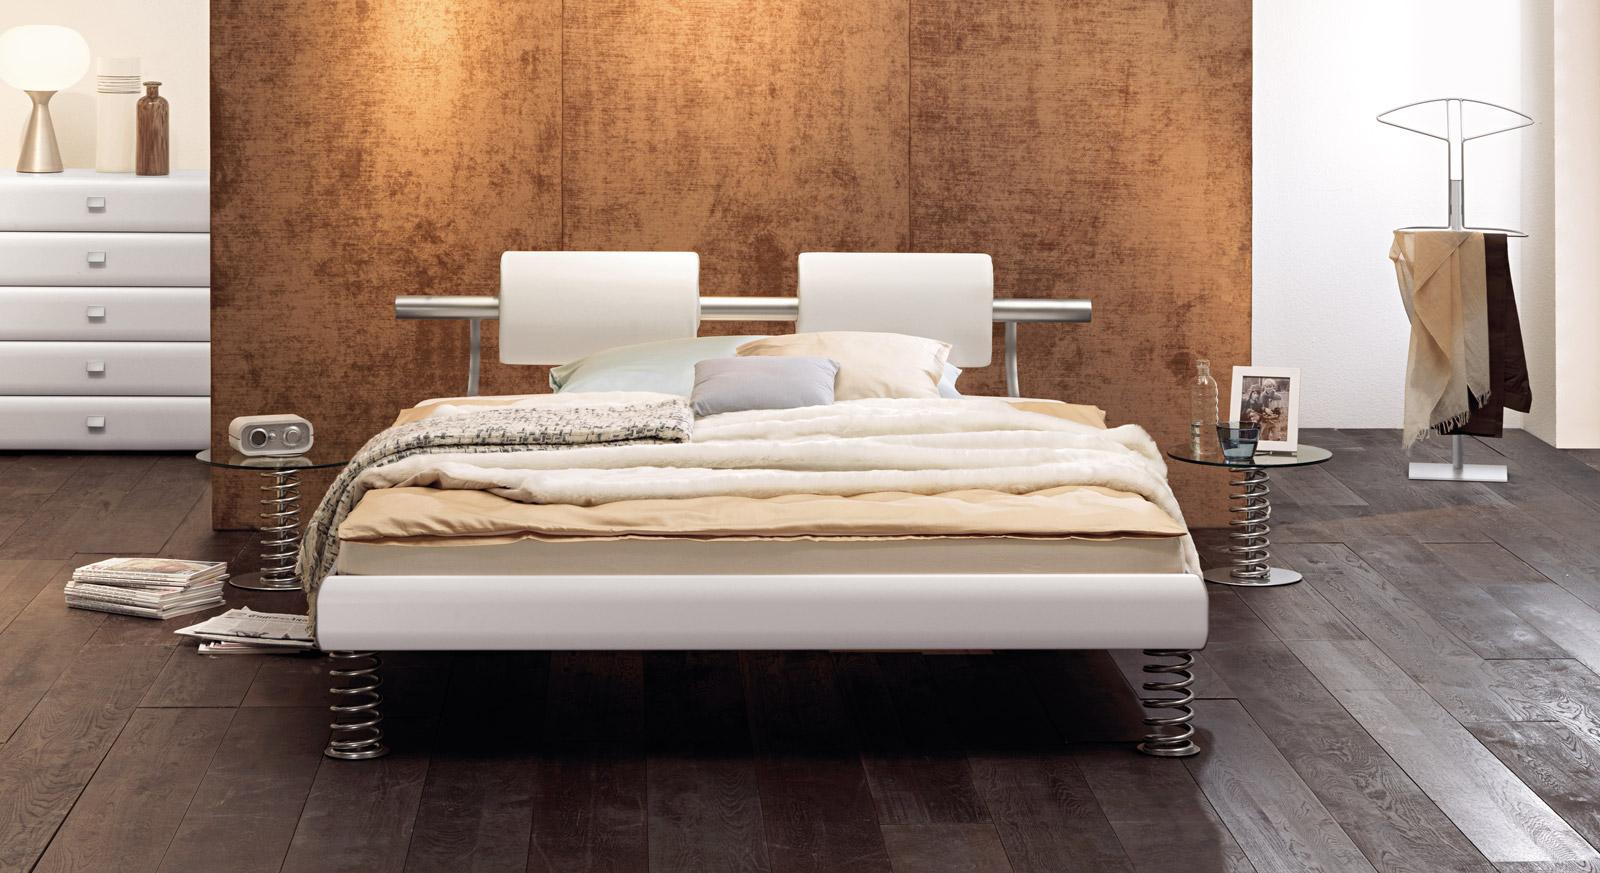 modernes designerbett mit sprungfedern und nackenrollen. Black Bedroom Furniture Sets. Home Design Ideas